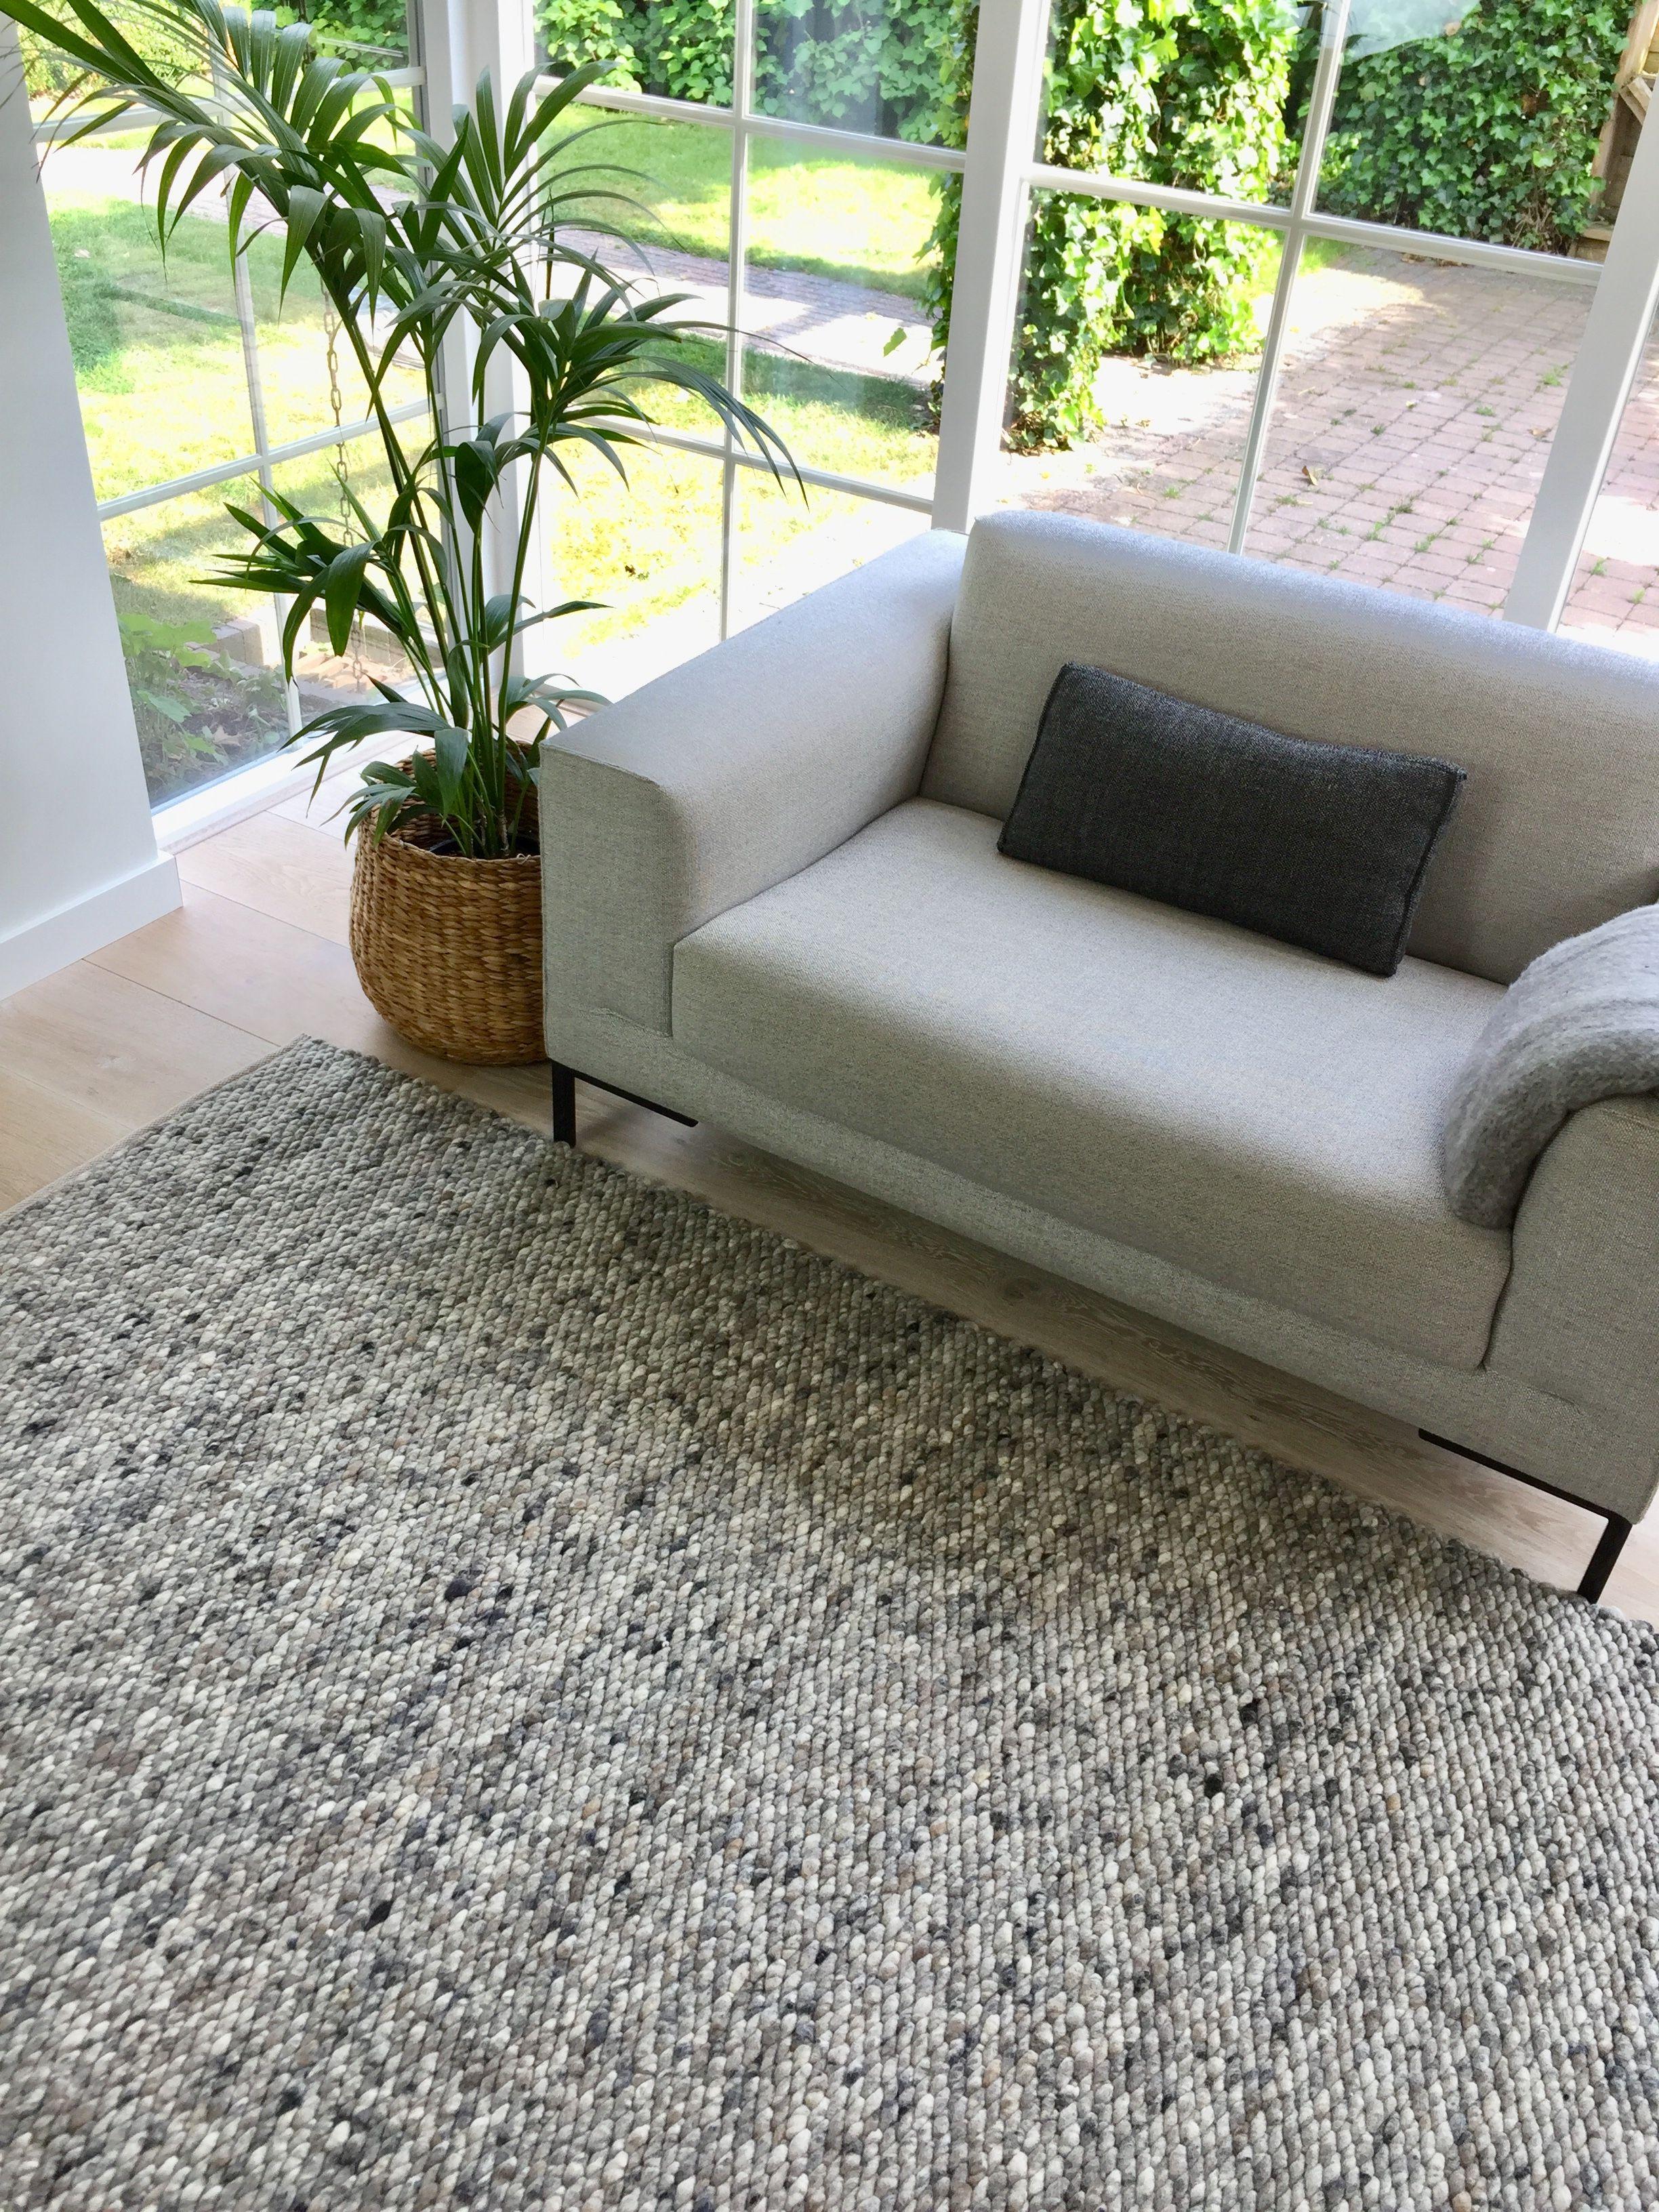 Wollen vloerkleed voor in bijvoorbeeld de woonkamer met de verschillende grijstinten makkelijk te combineren vloerkleed wol grijs woonkamer interieur